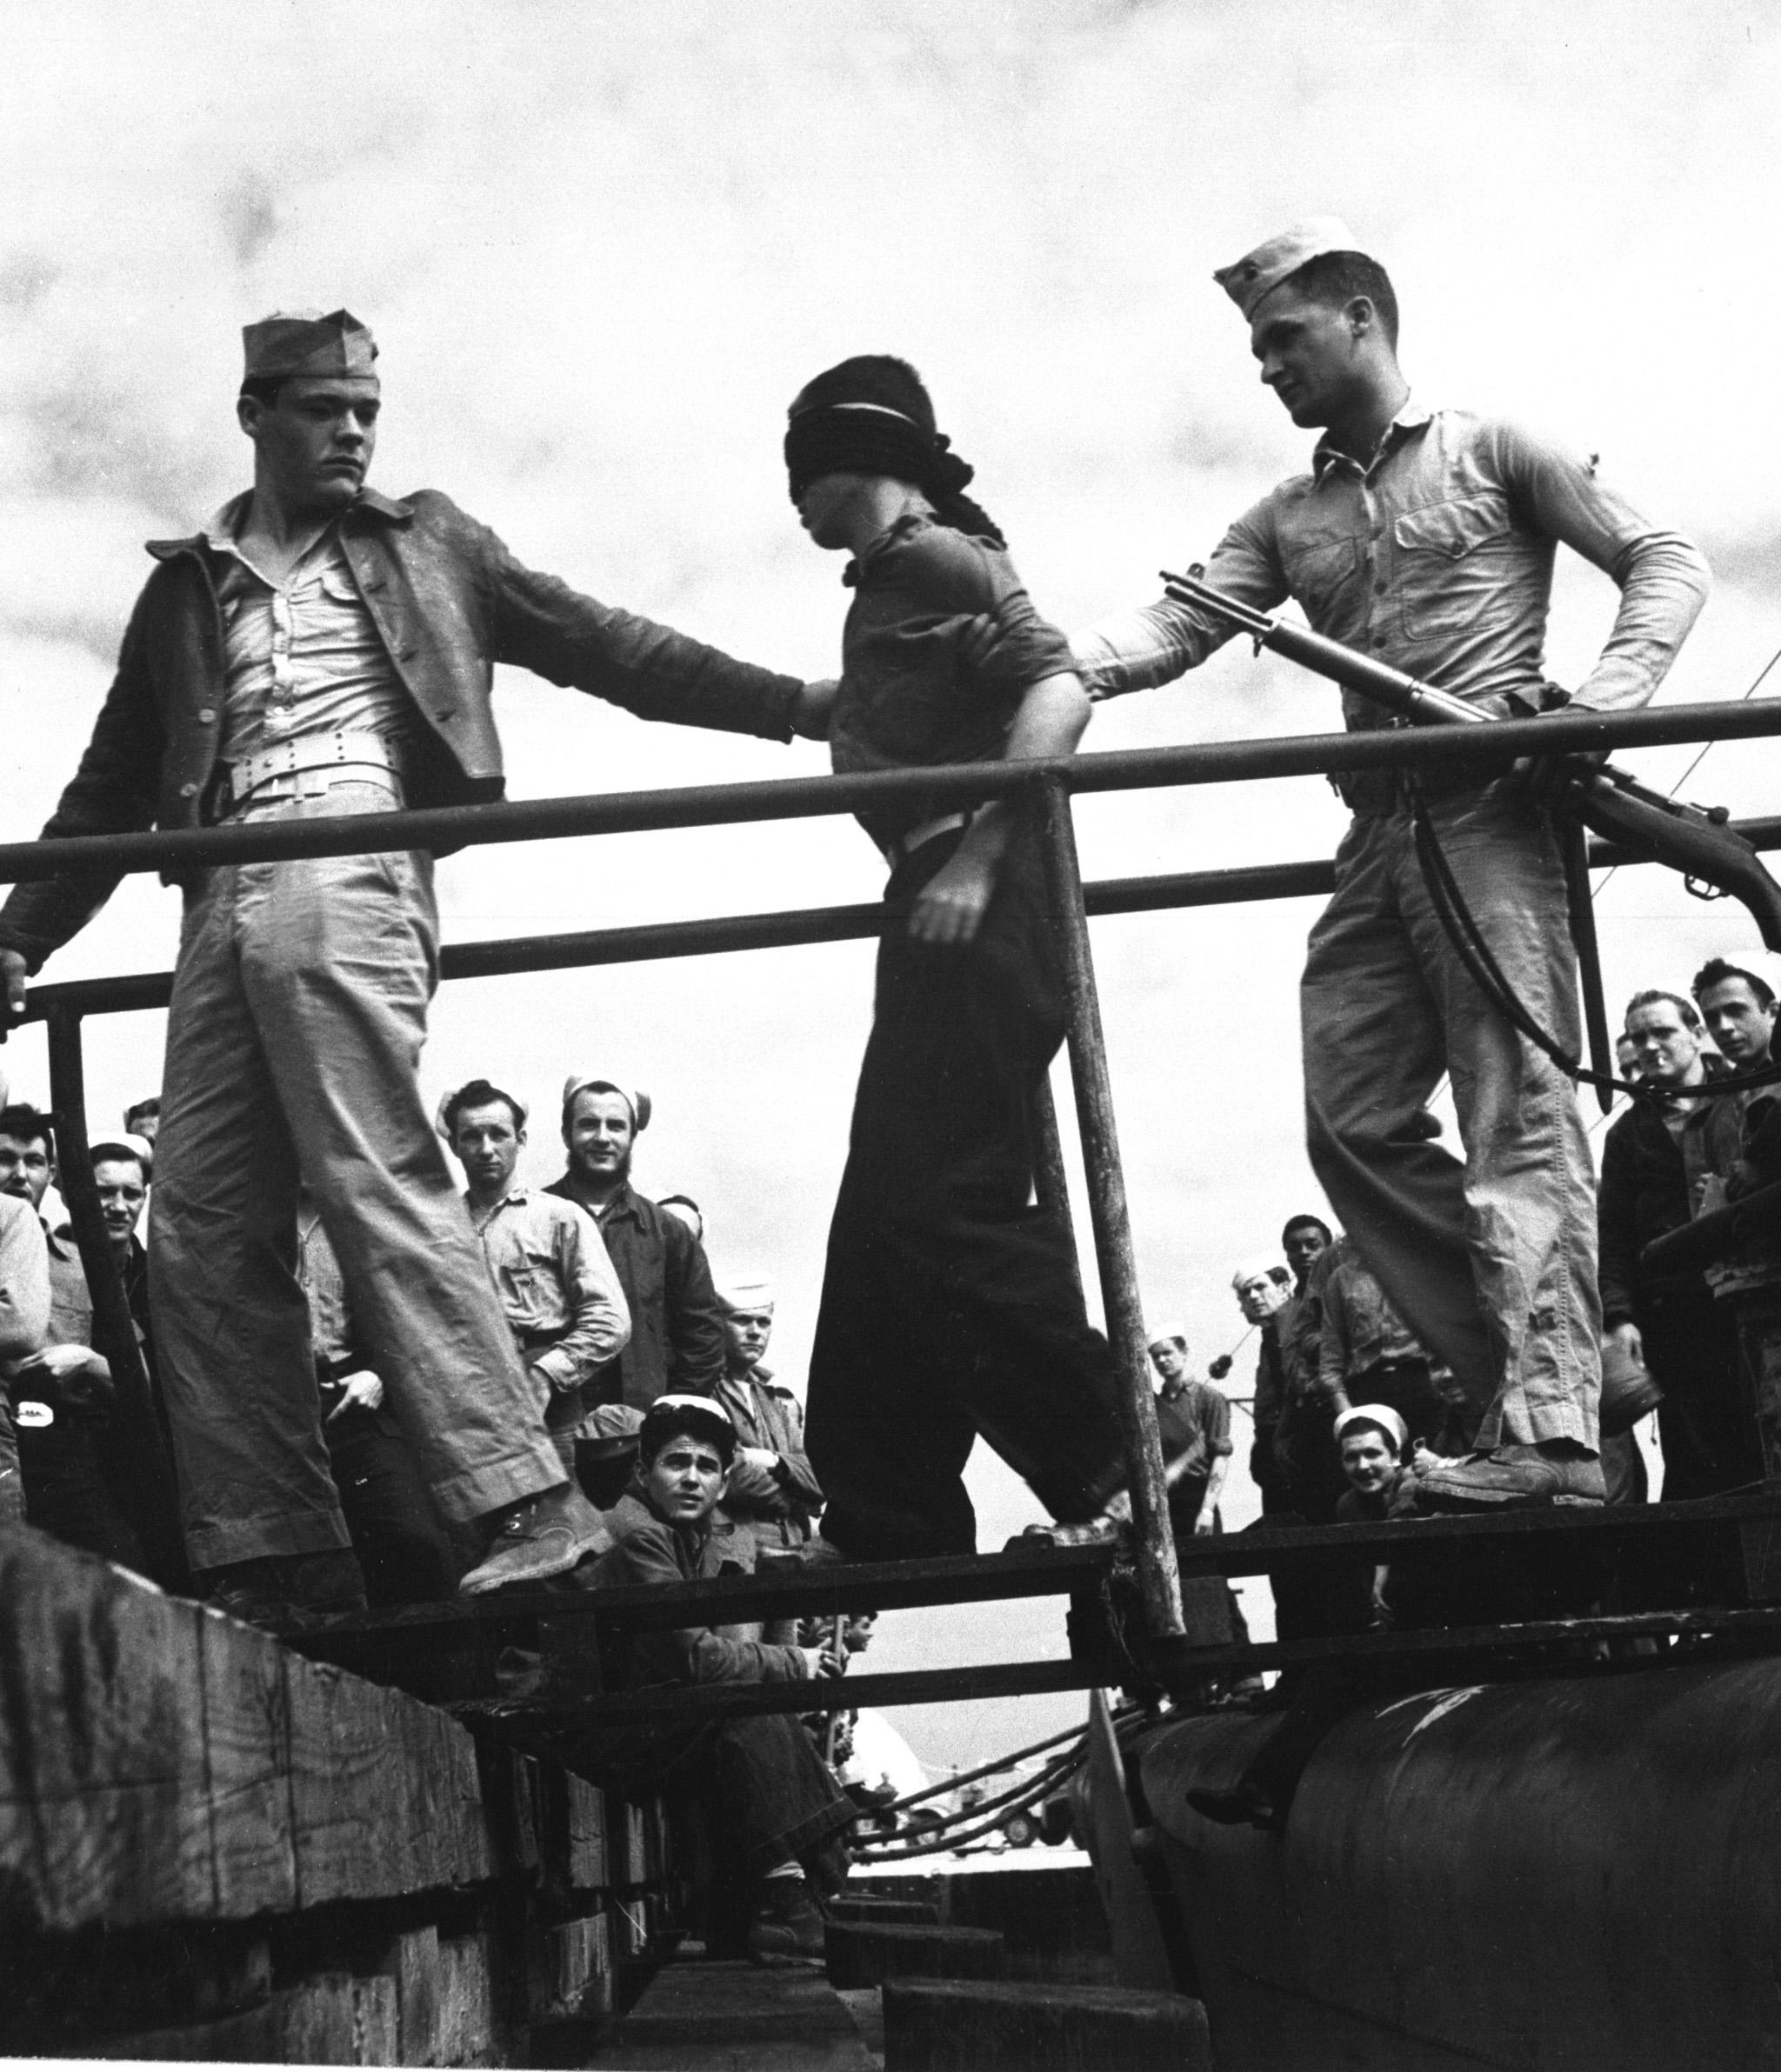 1945. Japán hadifoglyok kiszállítása egy járőrözésből visszatérő tengeralattjáróból a csendes-óceáni hadszintéren..JPEG